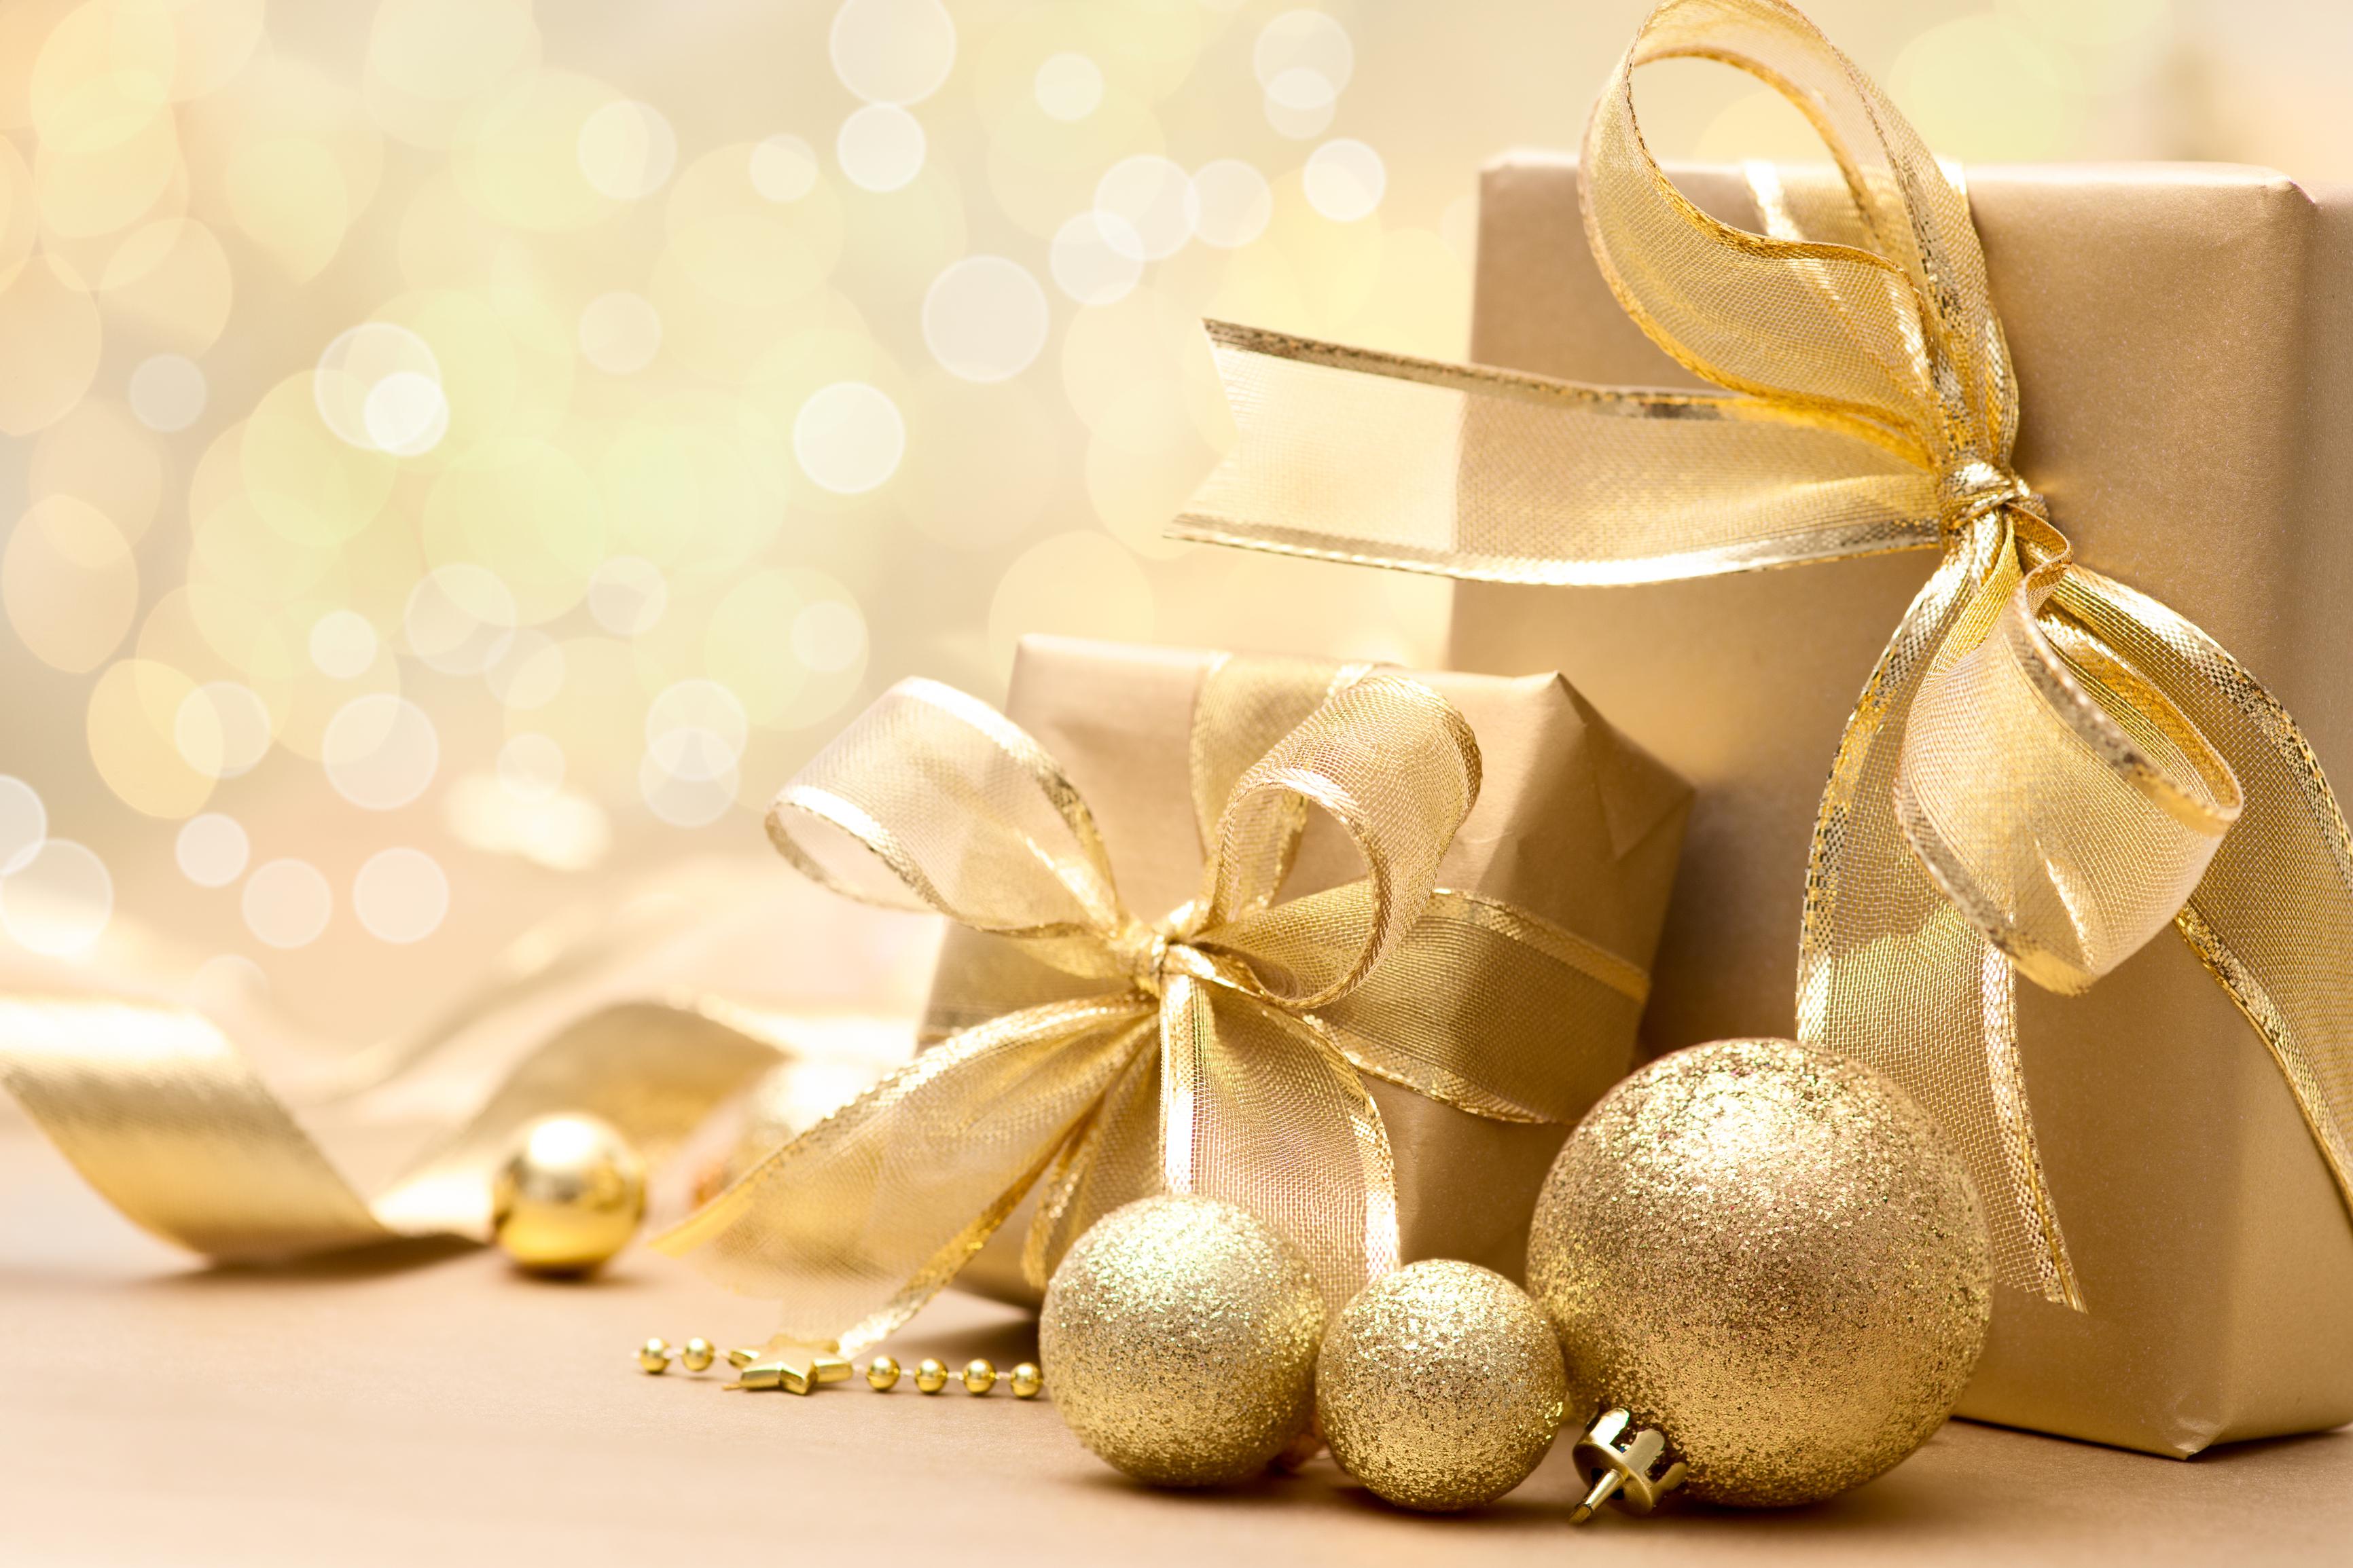 Køb modetøjet online til jul & spar penge